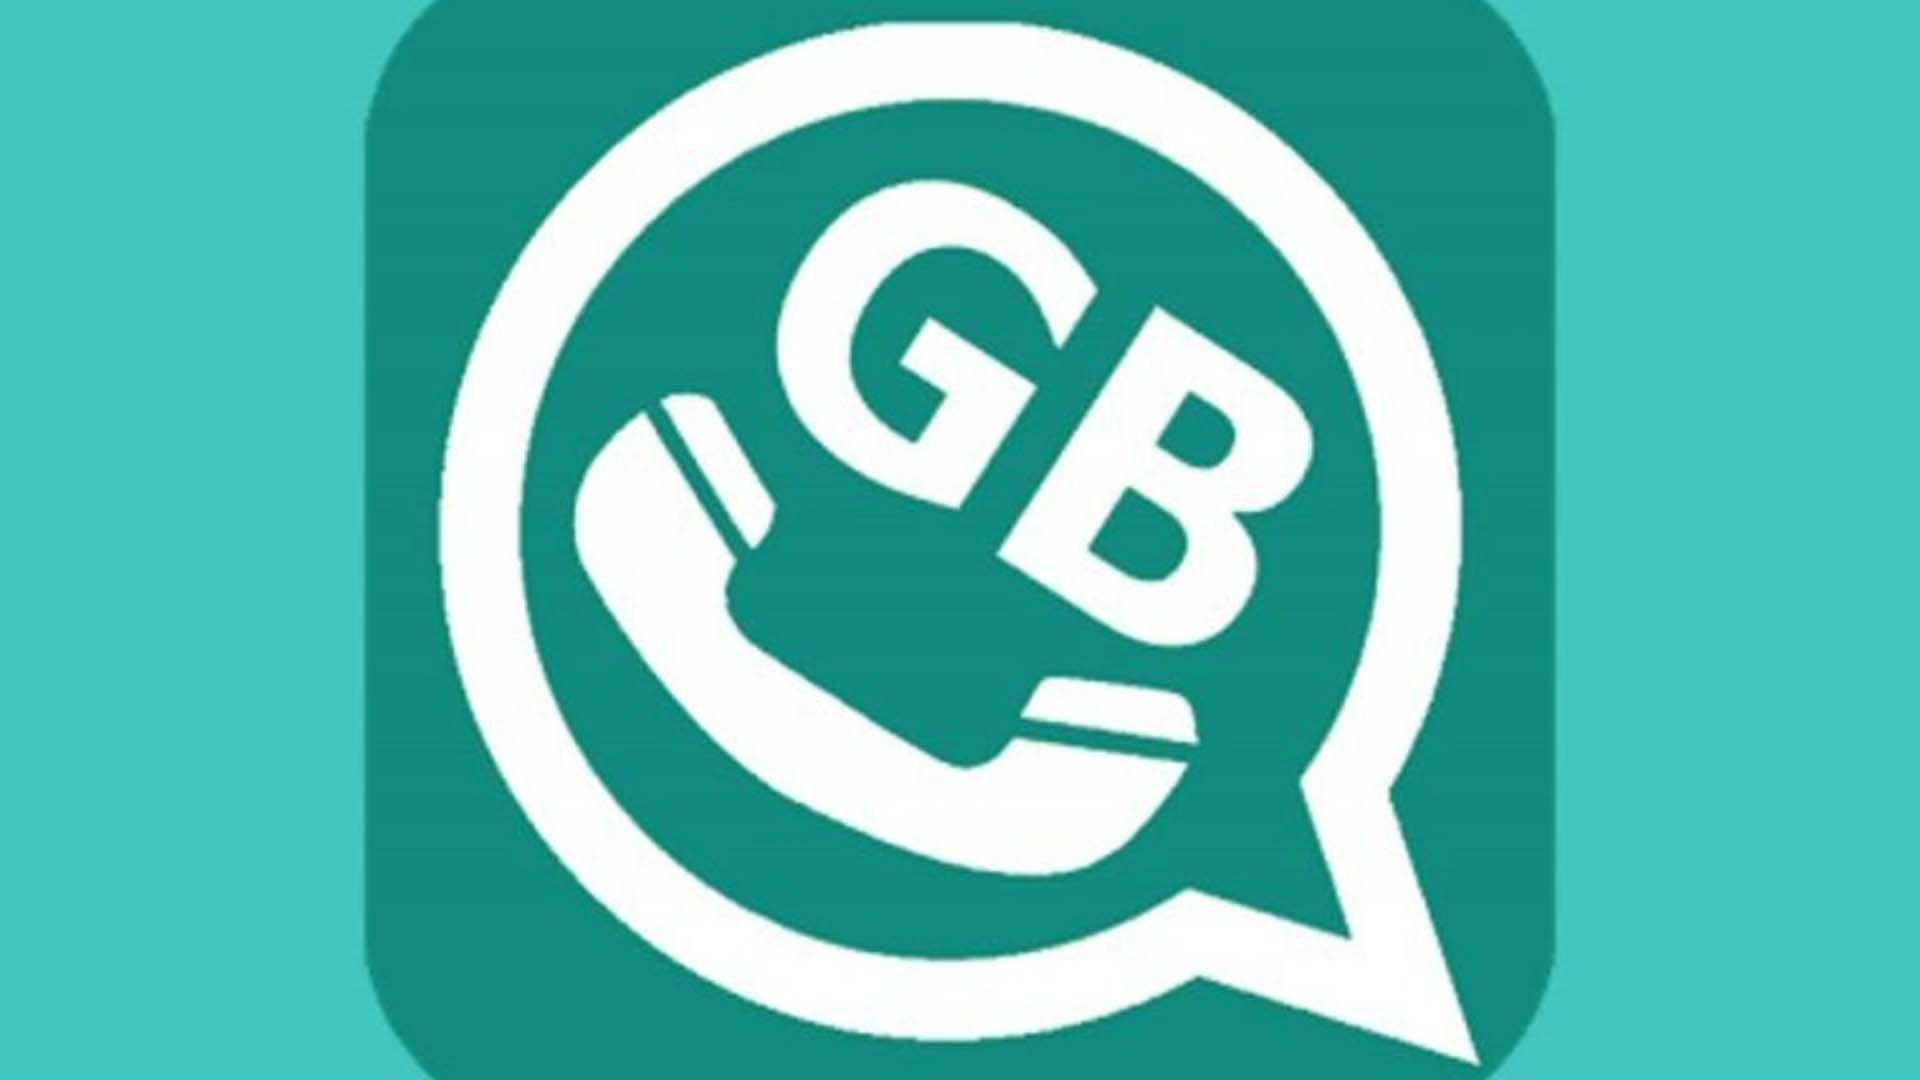 Imagem para ilustrar o aplicativo WhatsApp GB